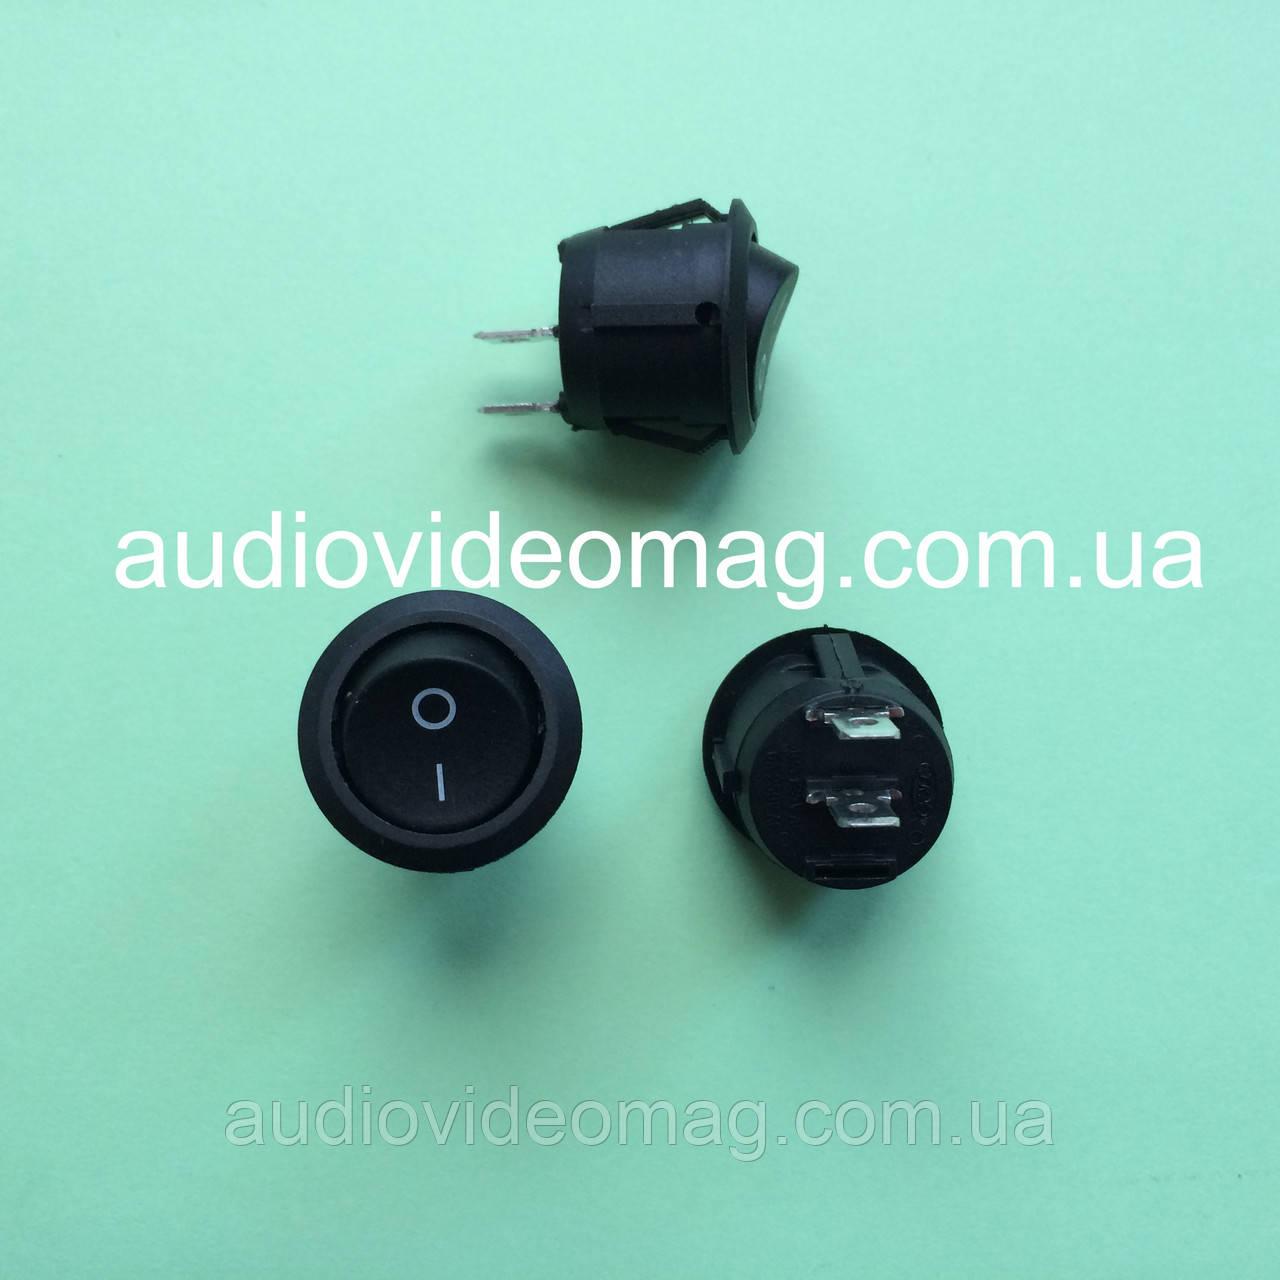 Переключатель клавишный , диаметр 20.3 мм, чёрный, без подсветки